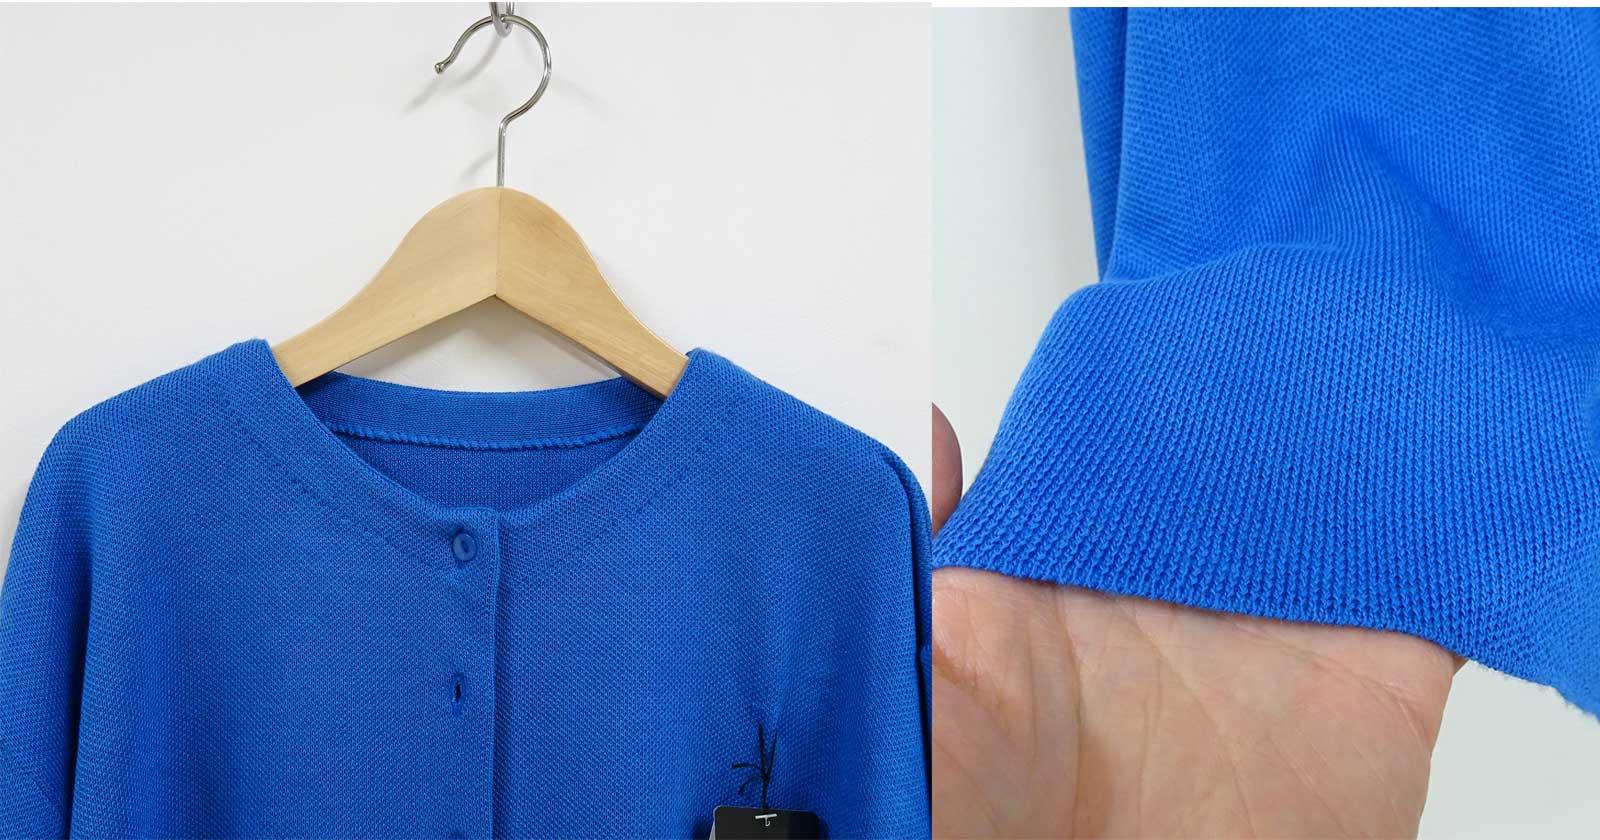 レディース用ショート丈の長袖カーディガン青アップ